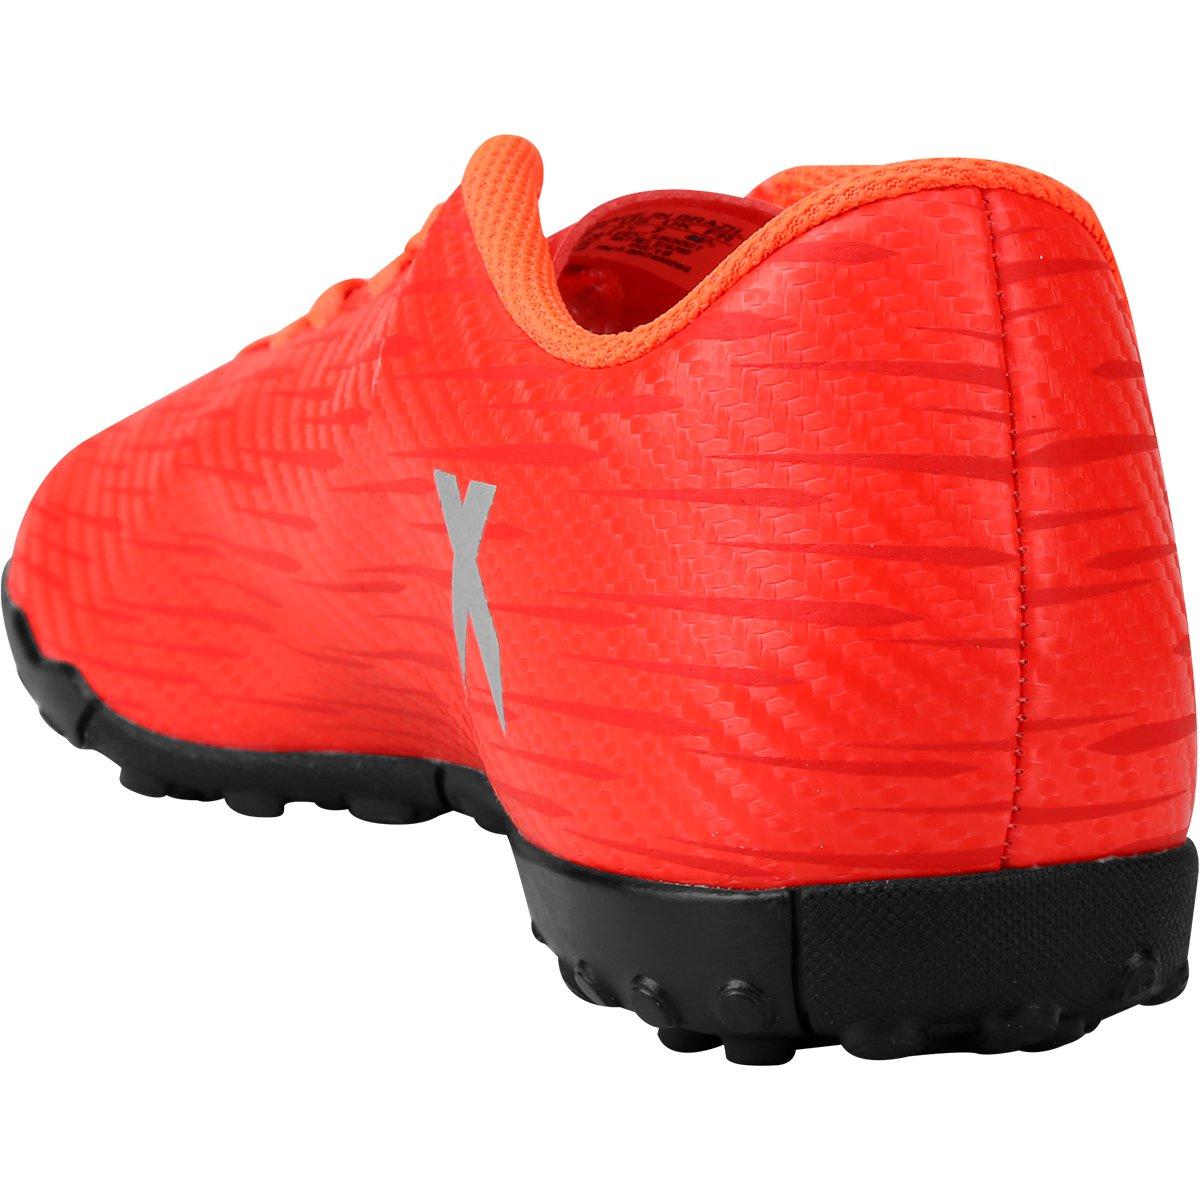 X Society Claro TF Chuteira 16 Adidas Vermelho 4 Masculina g7wvUCnx